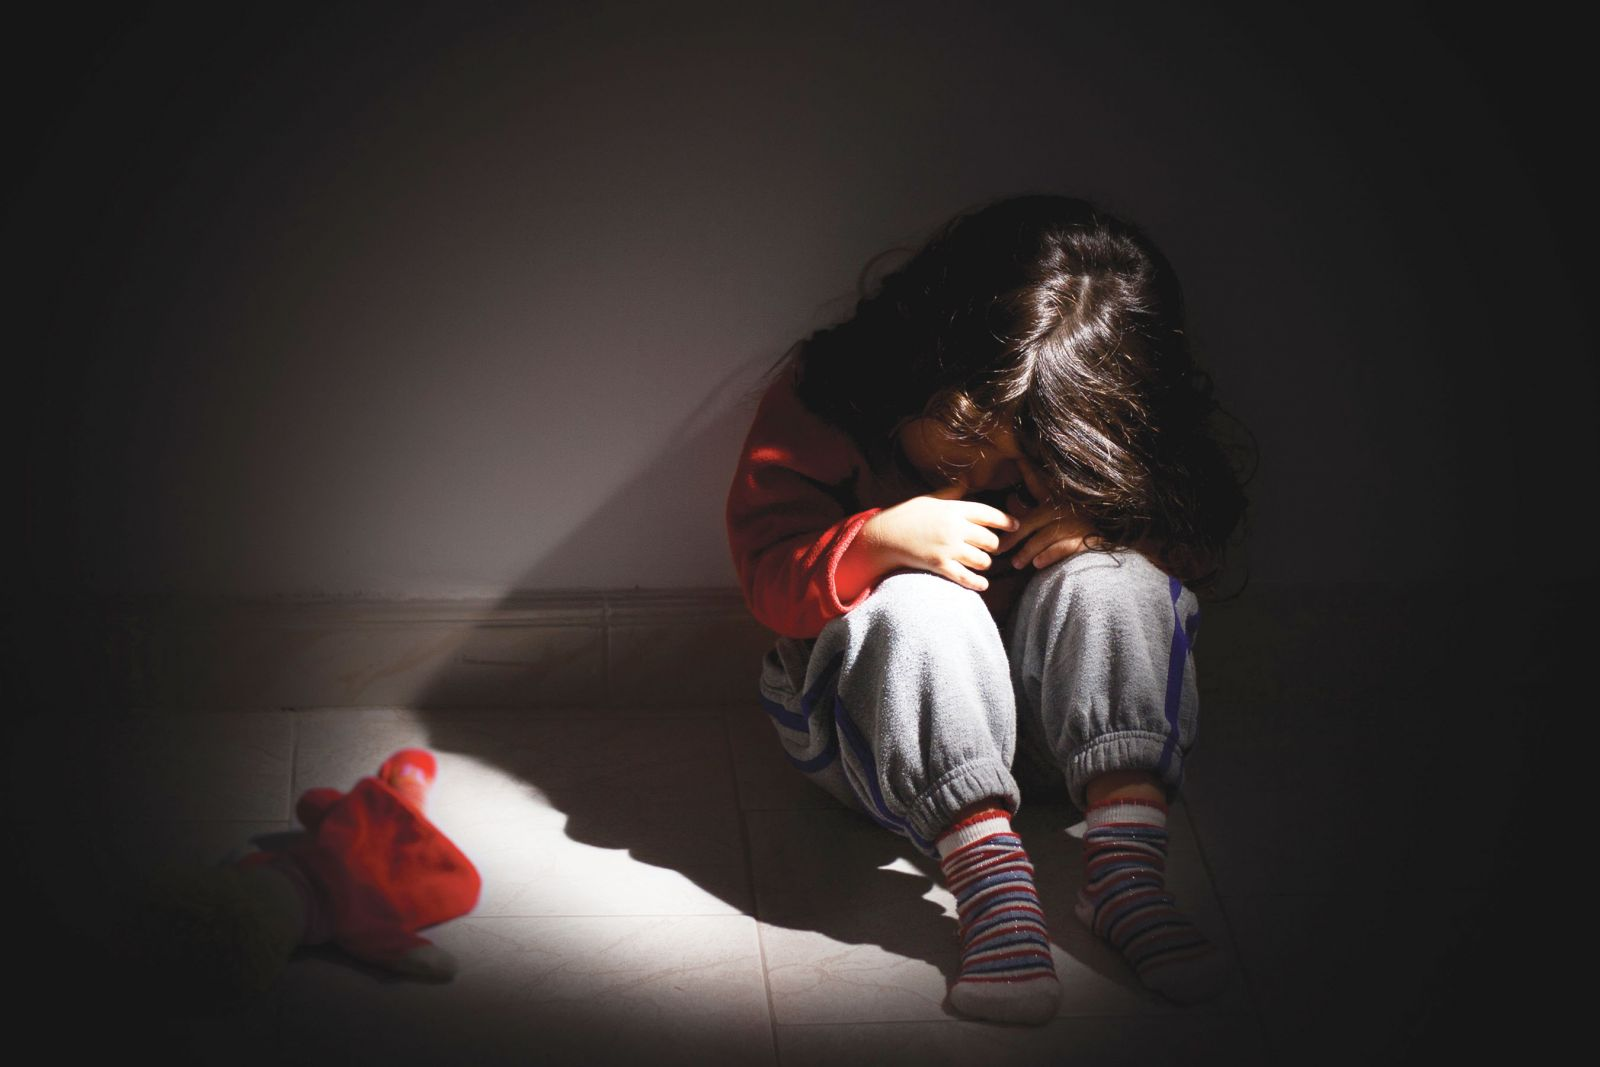 Ảnh bé gái đau khổ, thất vọng